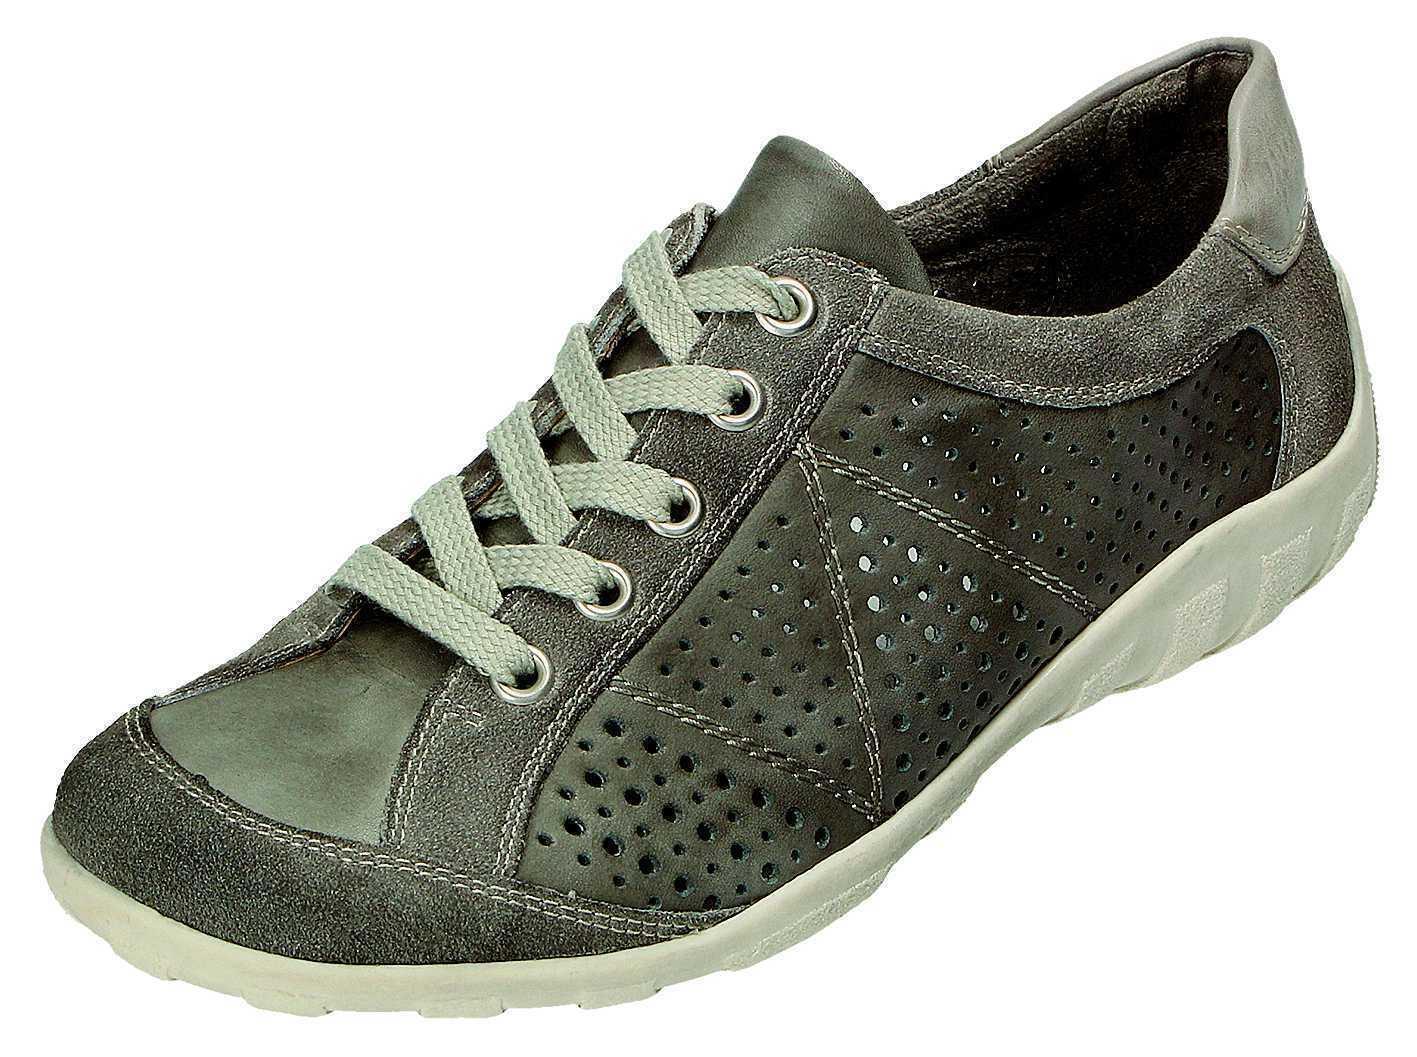 prezzo basso Remonte r3402-10 Lacci scarpe da da da ginnastica Scarpe Basse Scarpe da donna grigio tg. 36-44 neu22  molte concessioni